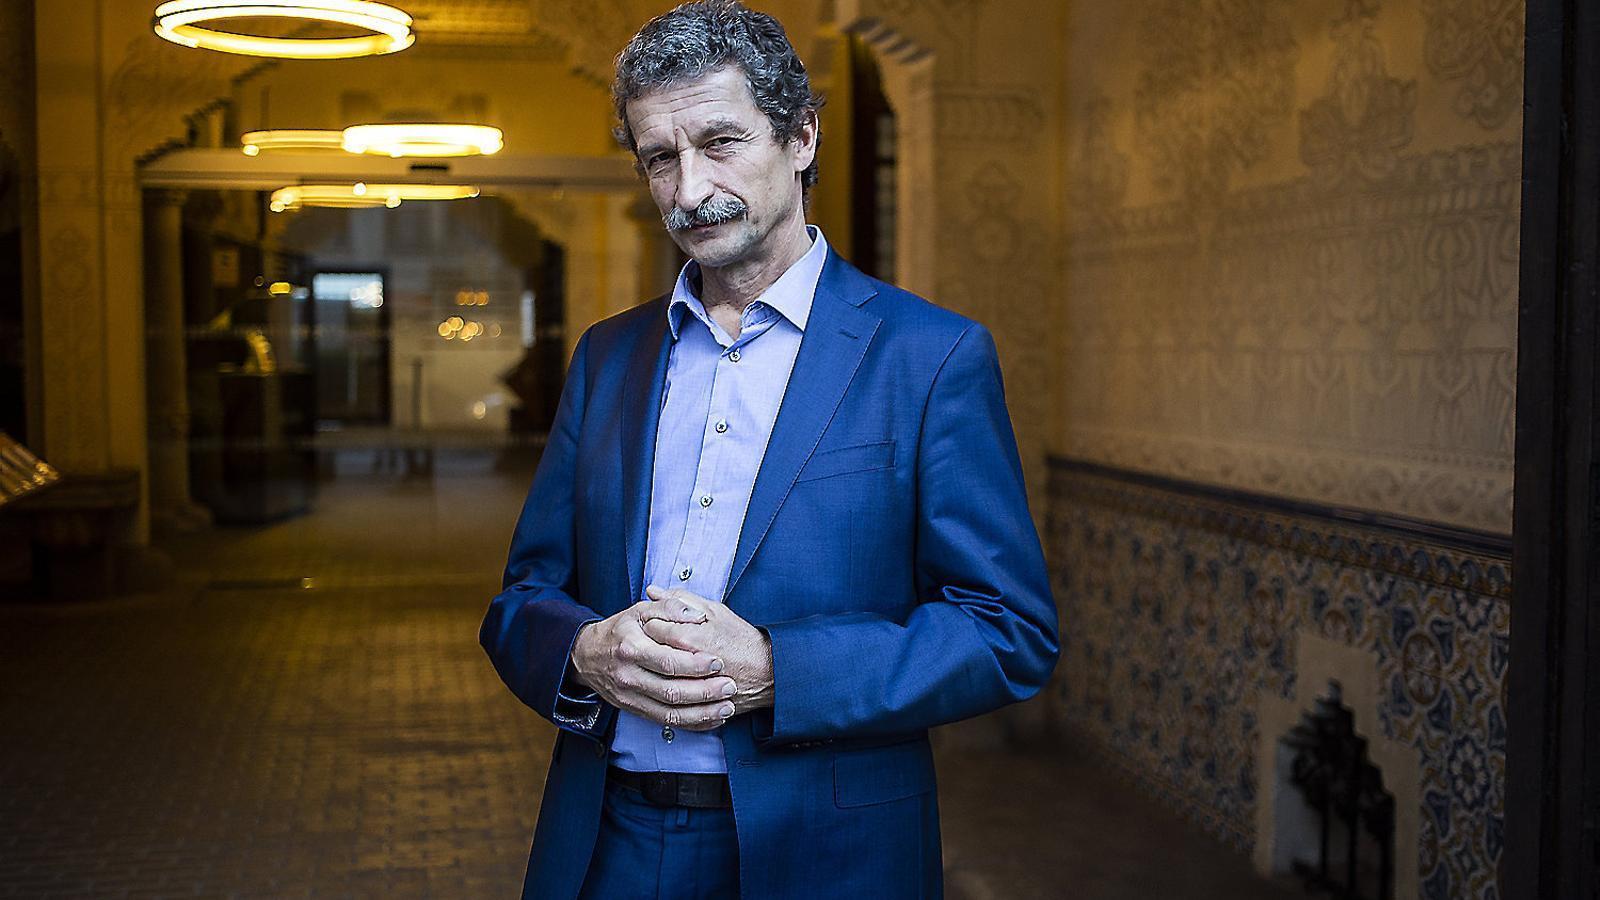 El professor de la Universitat de Salzburg Josef Trappel minuts abans de la seva conferència al Palau Macaya de Barcelona.